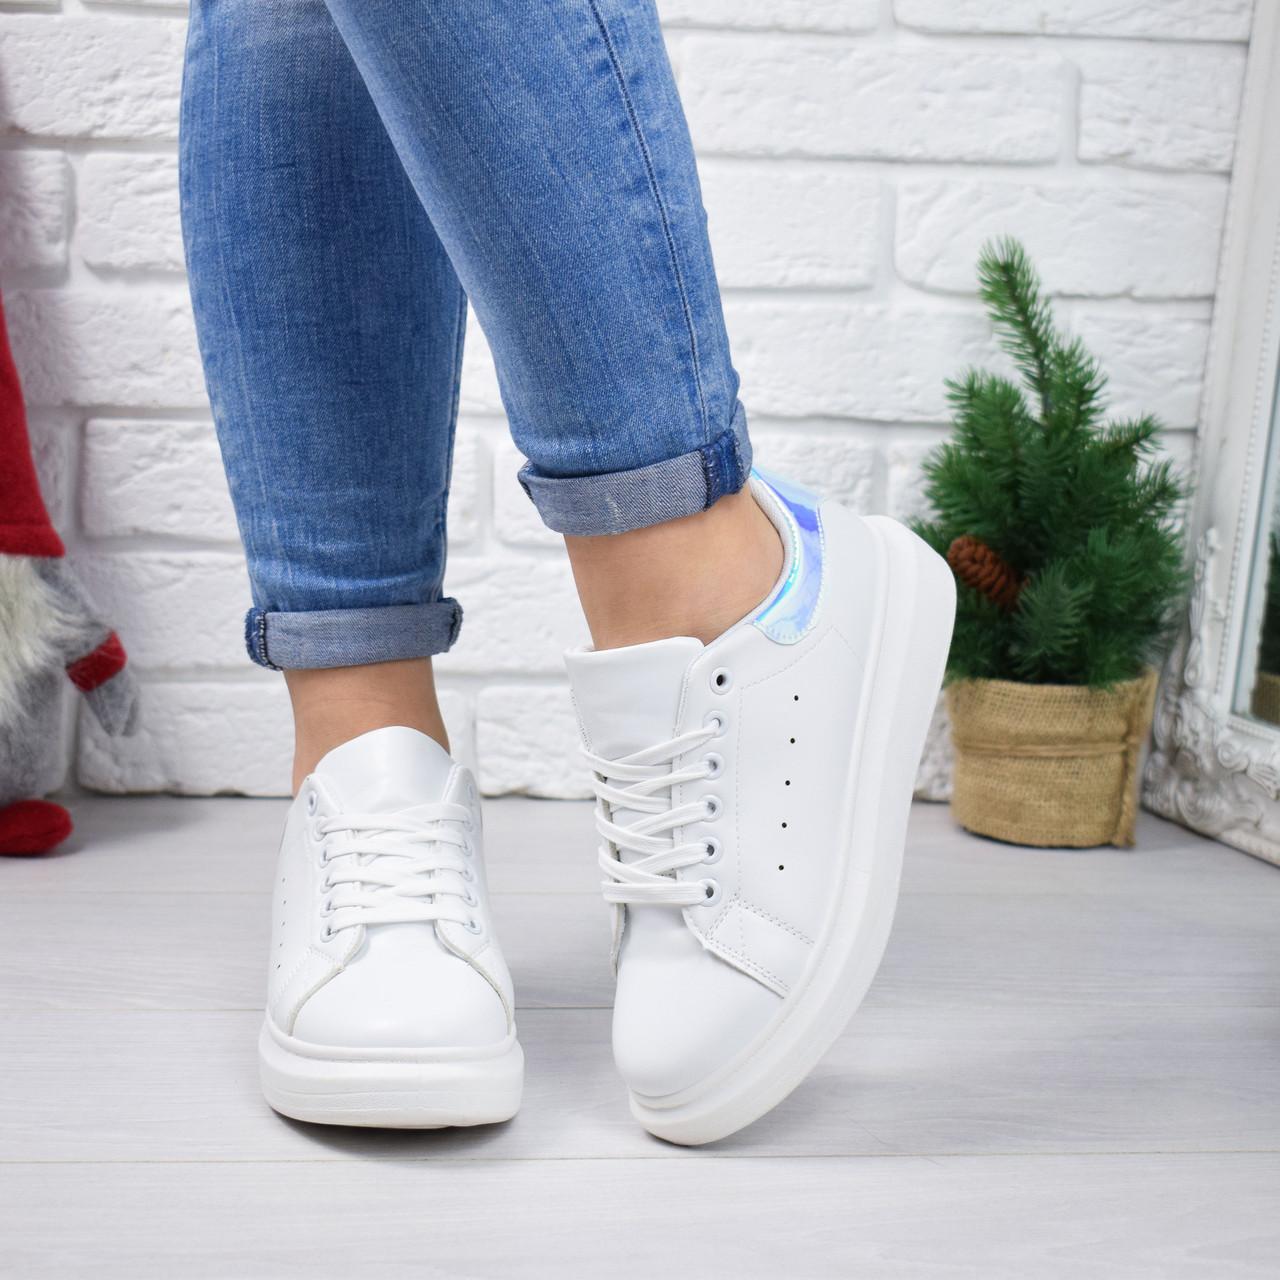 3e9eee43 Кроссовки женские Fresh белый + мульти 6310: продажа, цена в Днепре ...